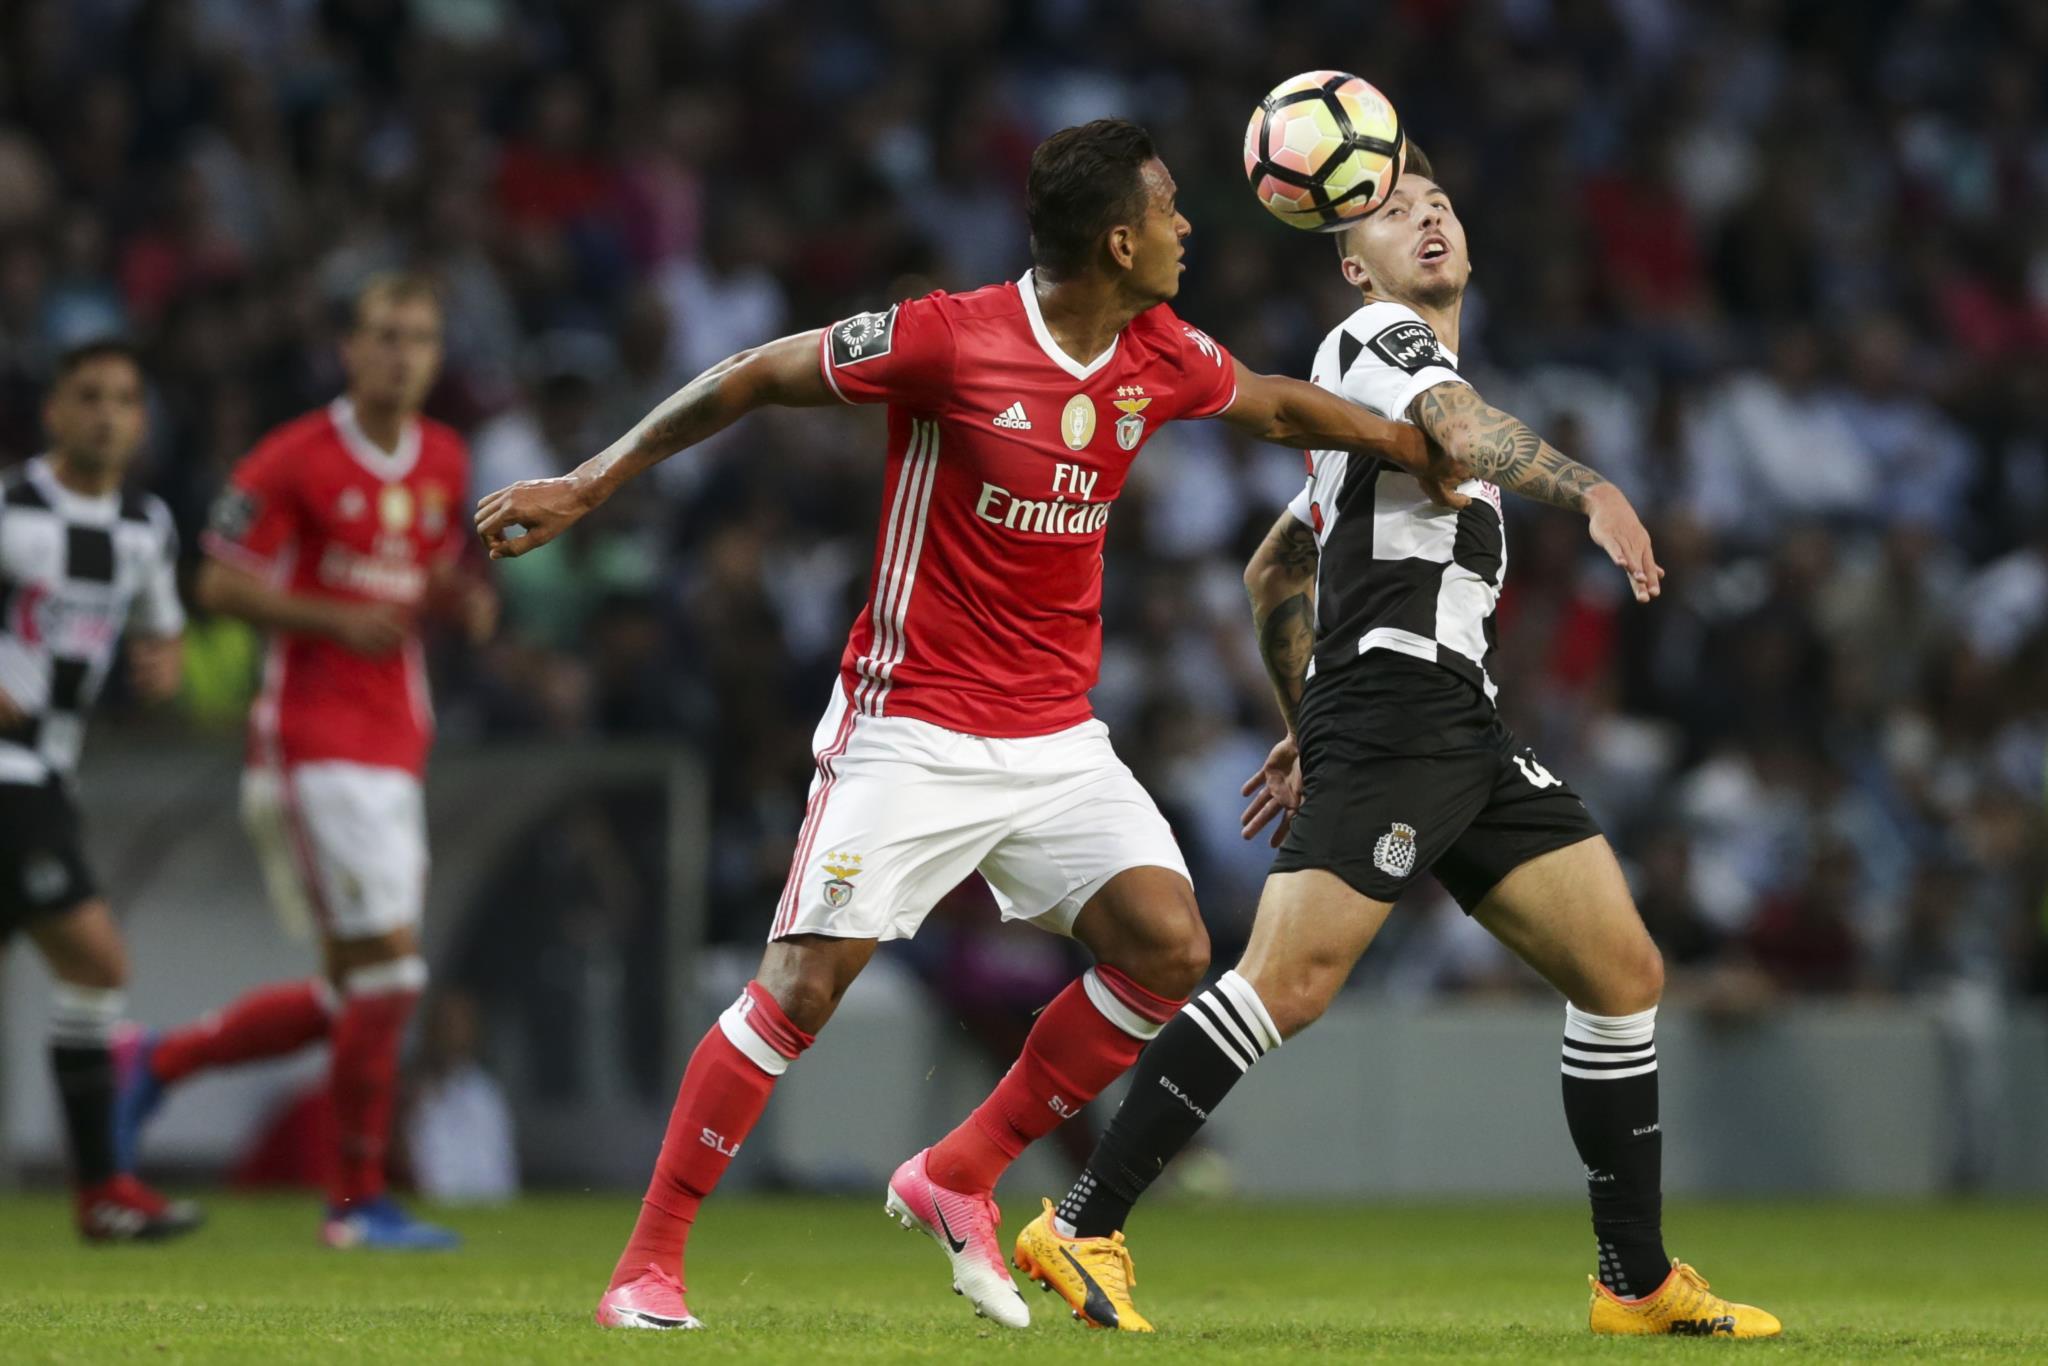 Benfica fecha campeonato com empate no último minuto